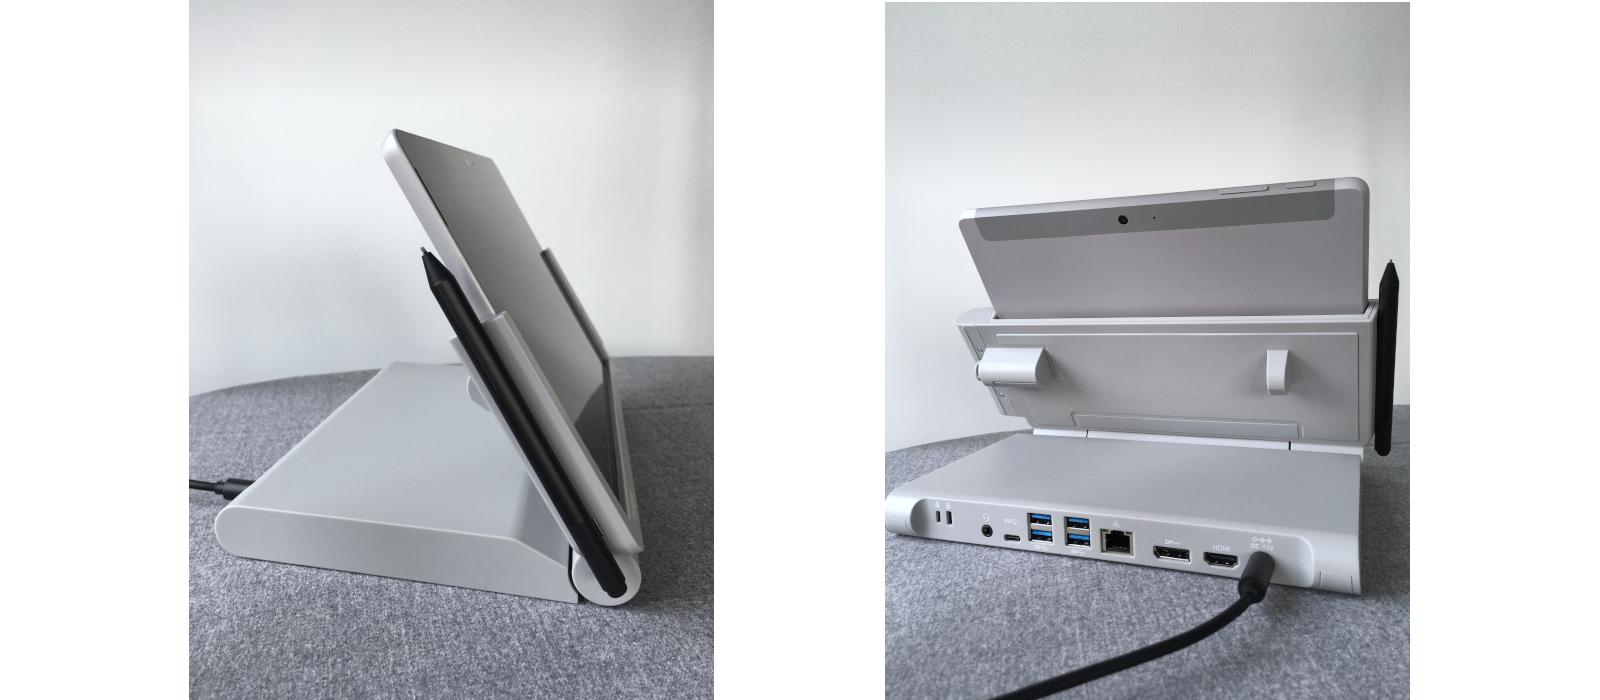 Die Kensington® SD6000 Dockingstation mit dem Surface Go und den verschiedenen Anschlussmöglichkeiten